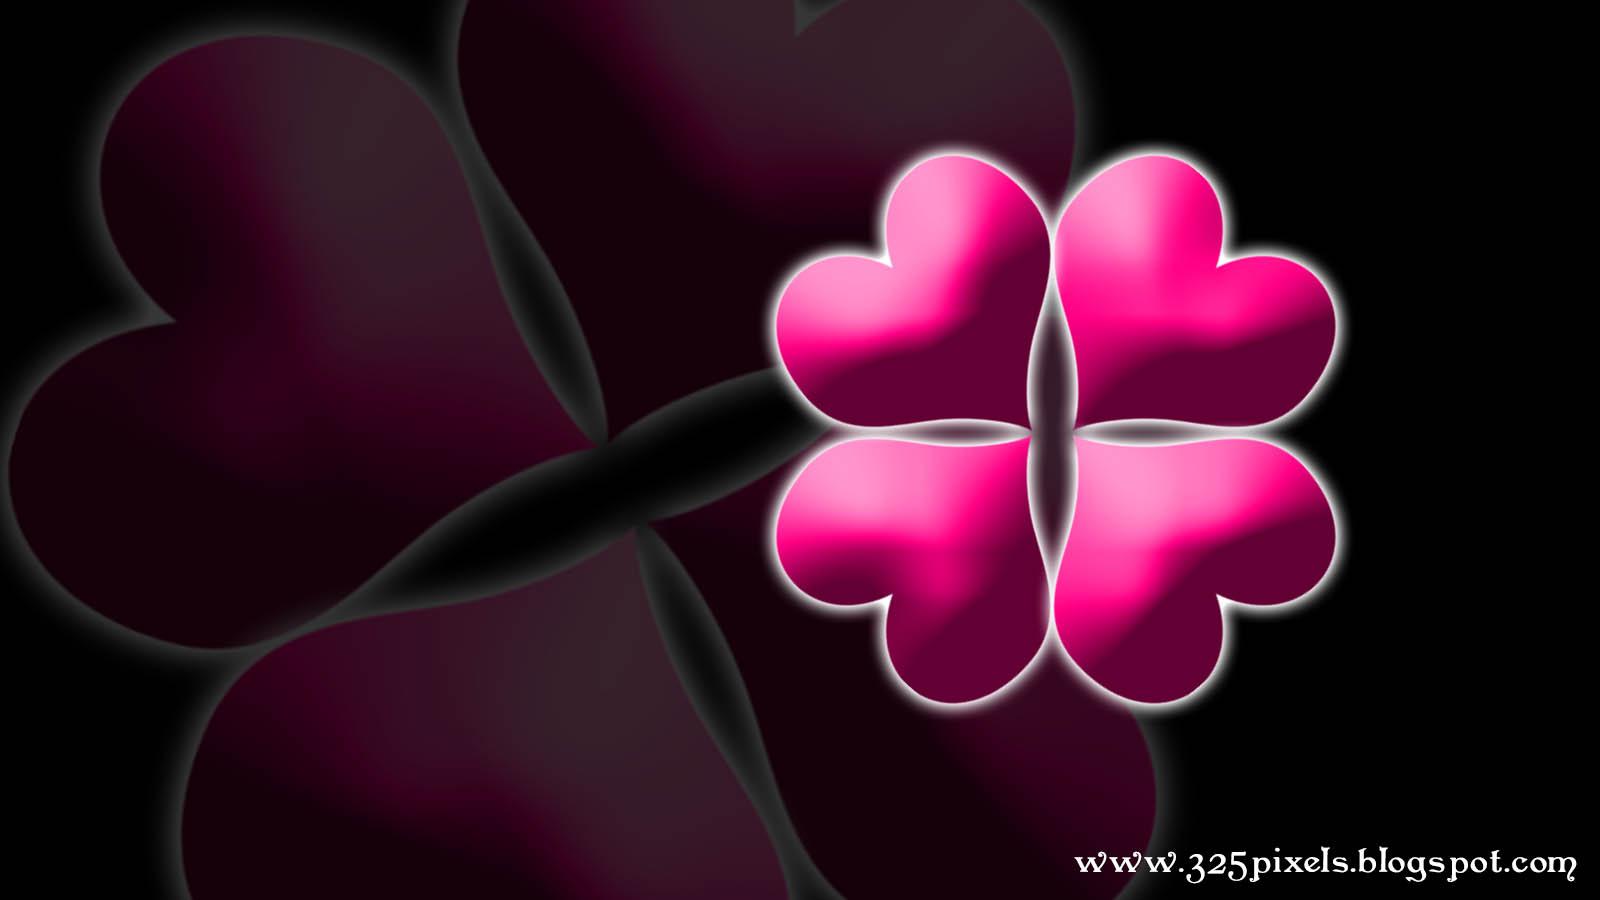 http://4.bp.blogspot.com/-XRZl3SRxqos/UM1aAHcbL4I/AAAAAAAAAoc/_OGI7b6mH98/s1600/4+love.jpg